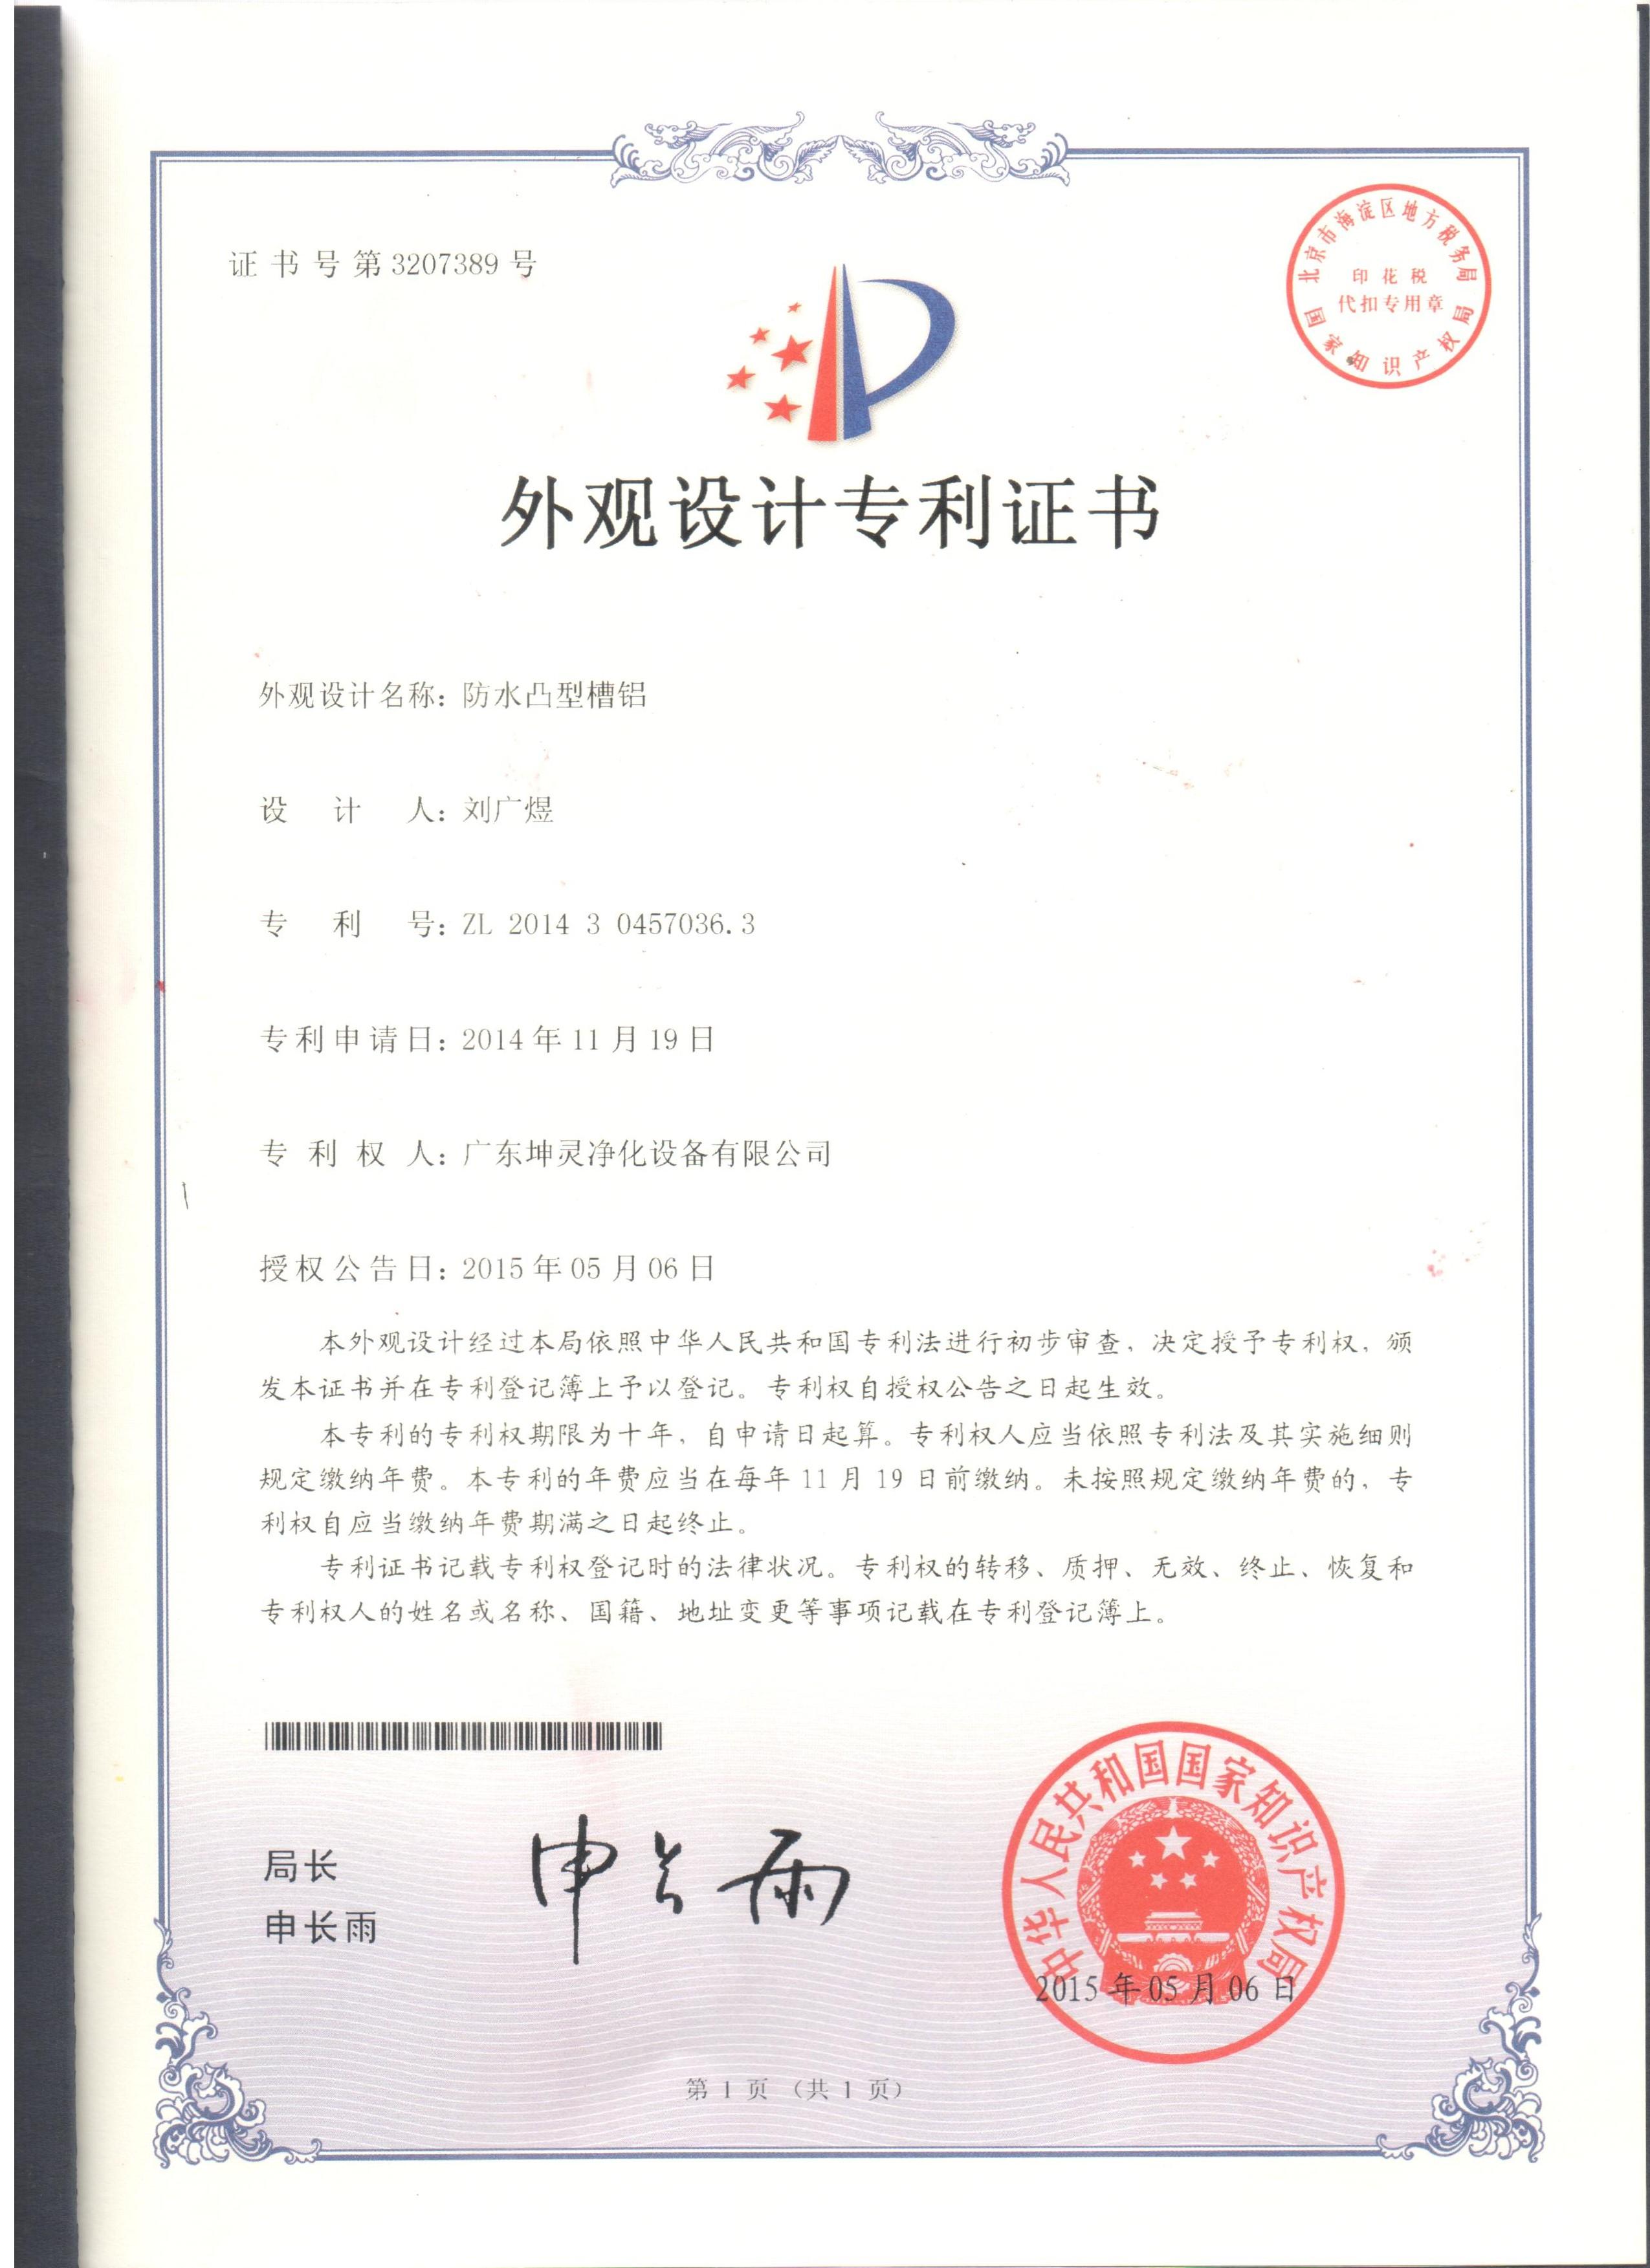 防水凸型槽铝 外观设计专利证书